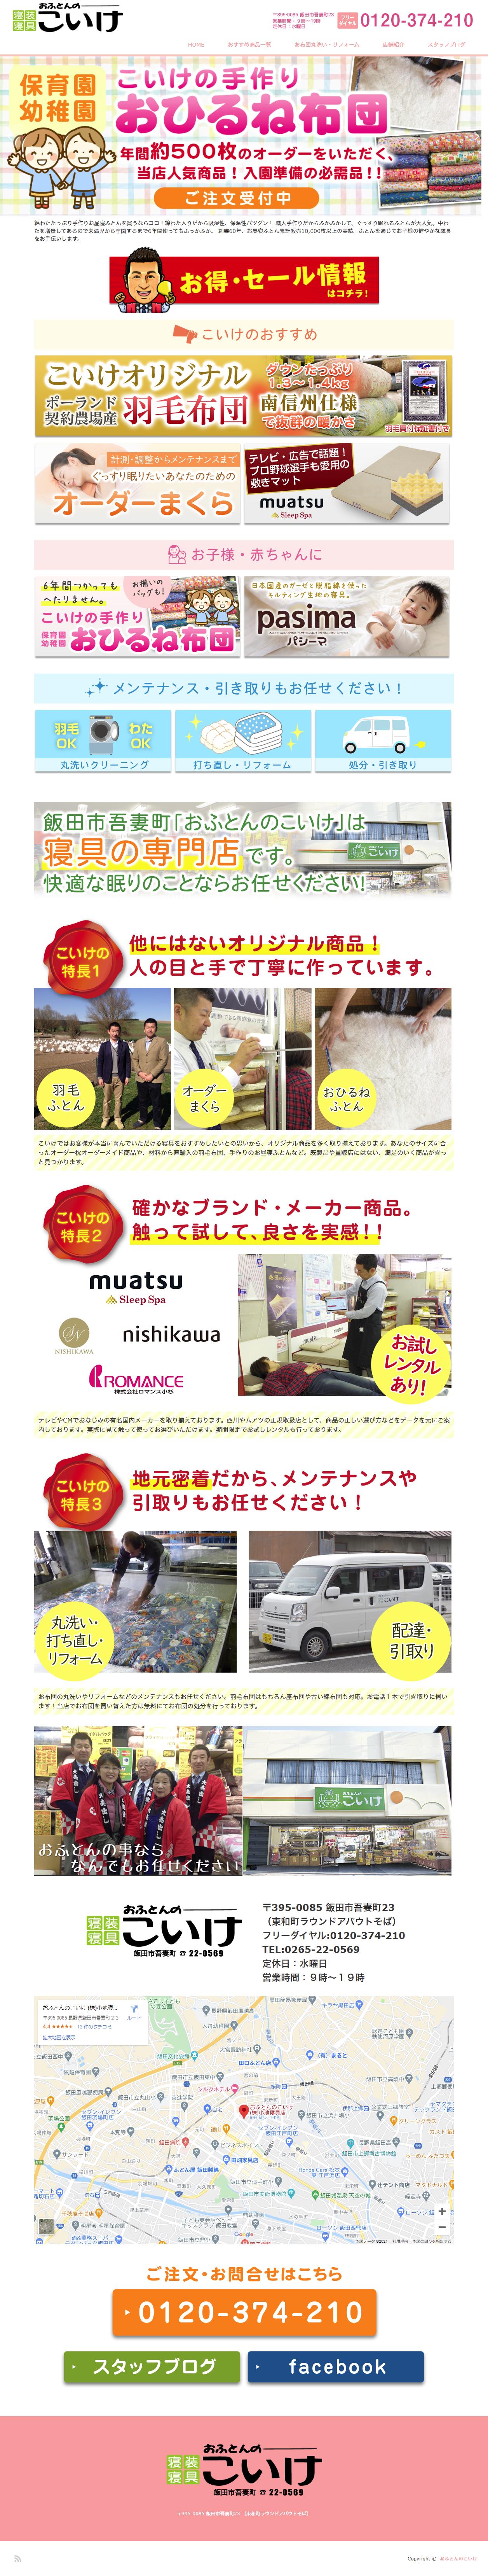 ホームページ制作 おふとんのこいけ様公式サイト(飯田市)